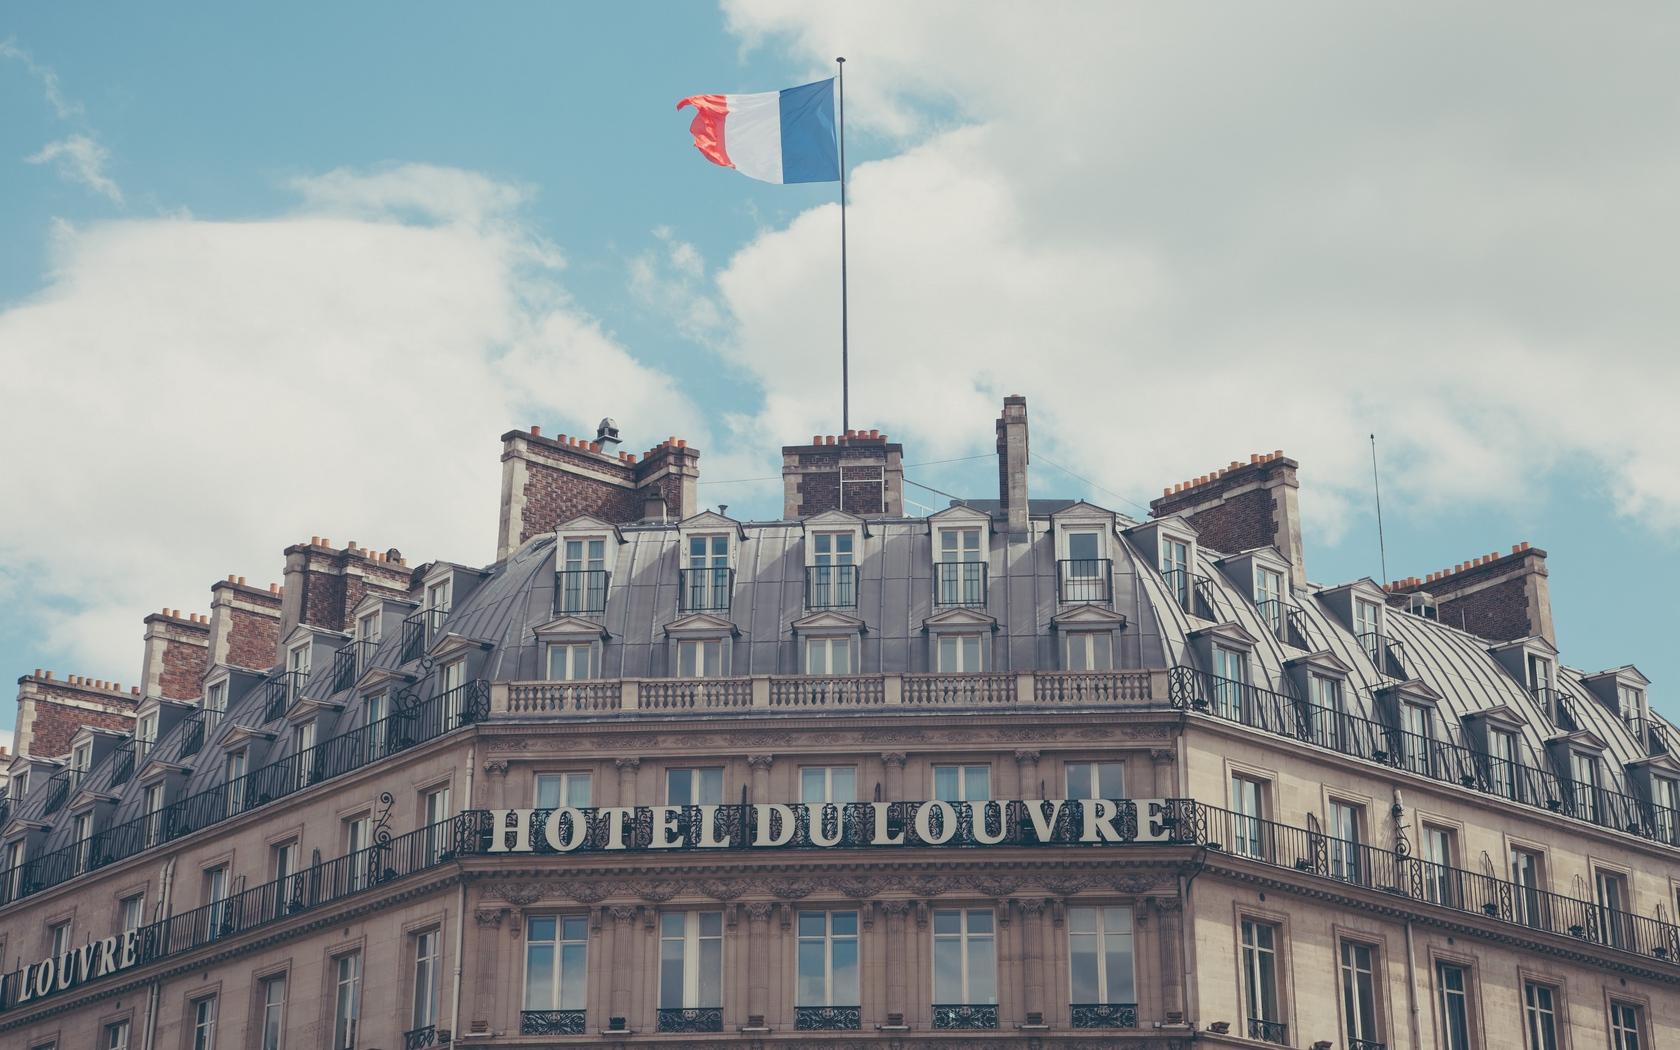 Download wallpaper 1680x1050 paris france hotel hotel du louvre 1680x1050